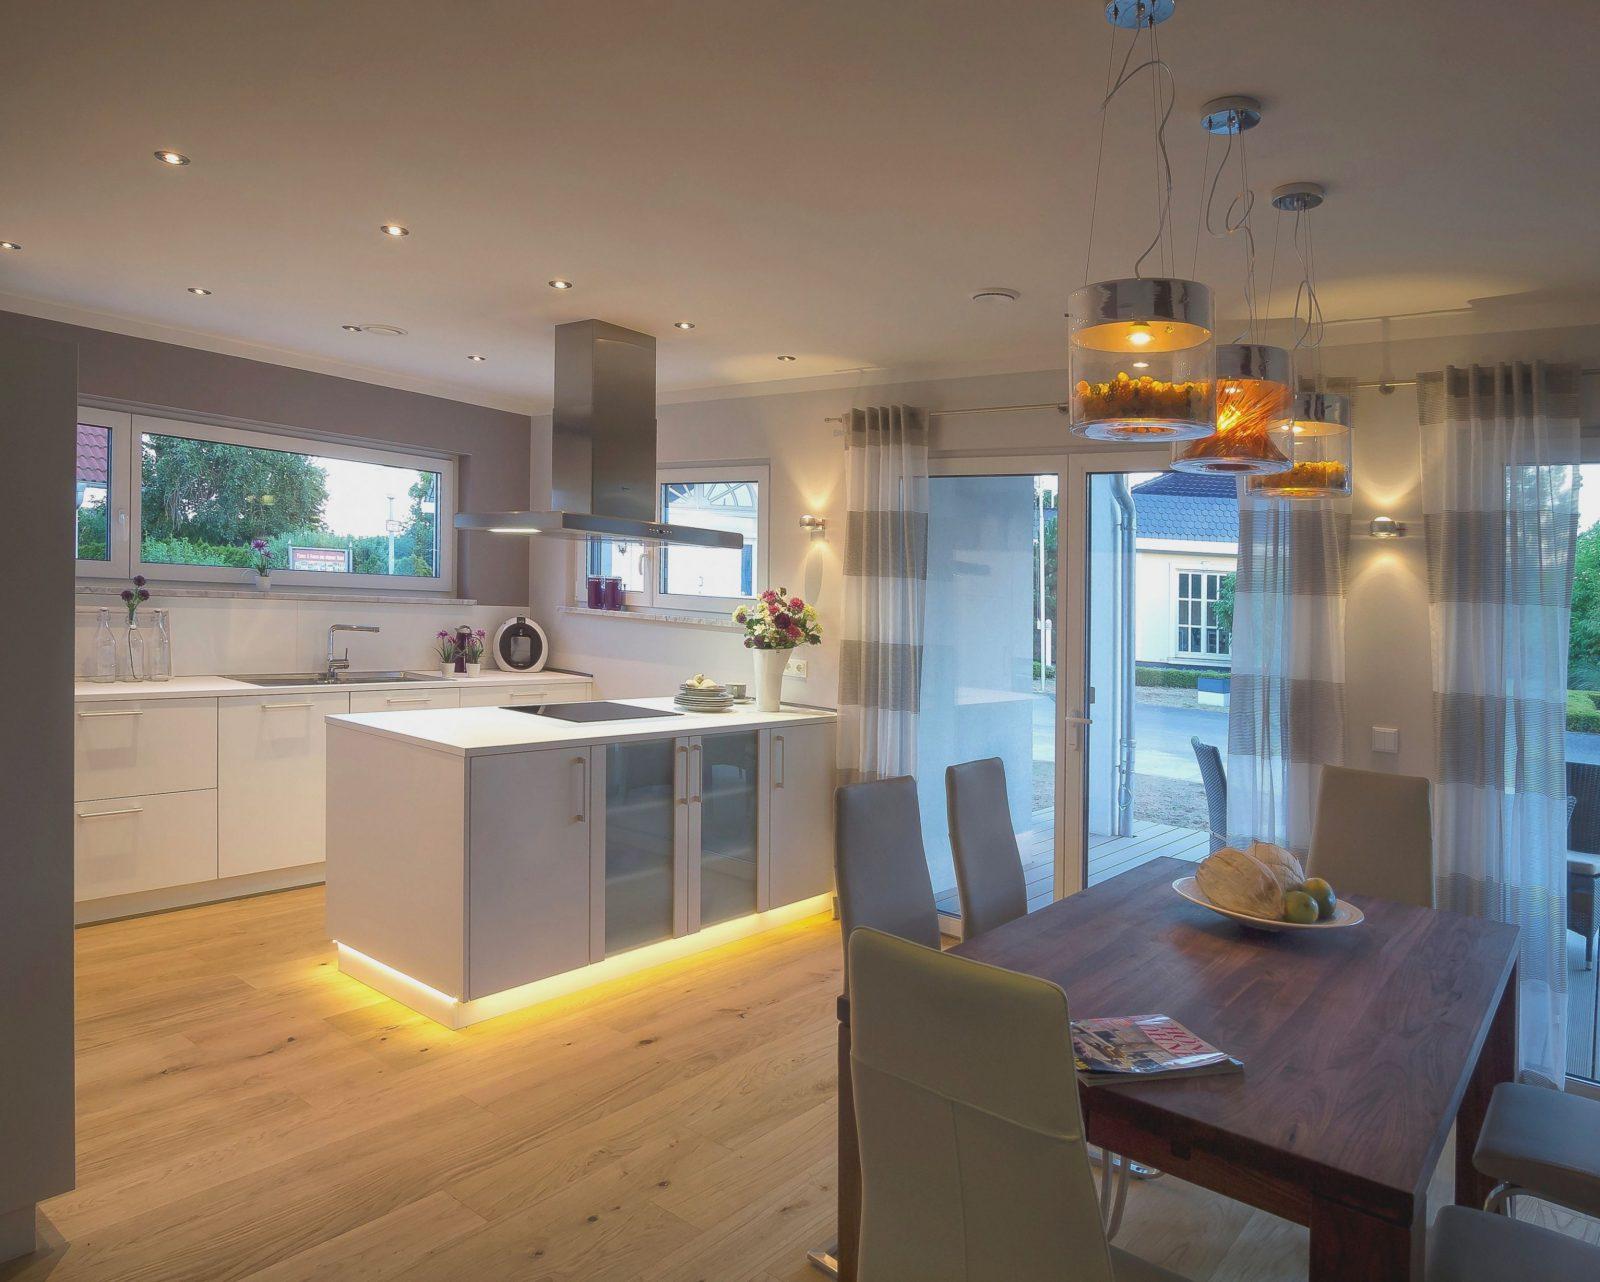 Offene Kuche Wohnzimmer Modern With Schlafzimmer Trennen Plus L Form von Offene Küche Abtrennen Bilder Photo